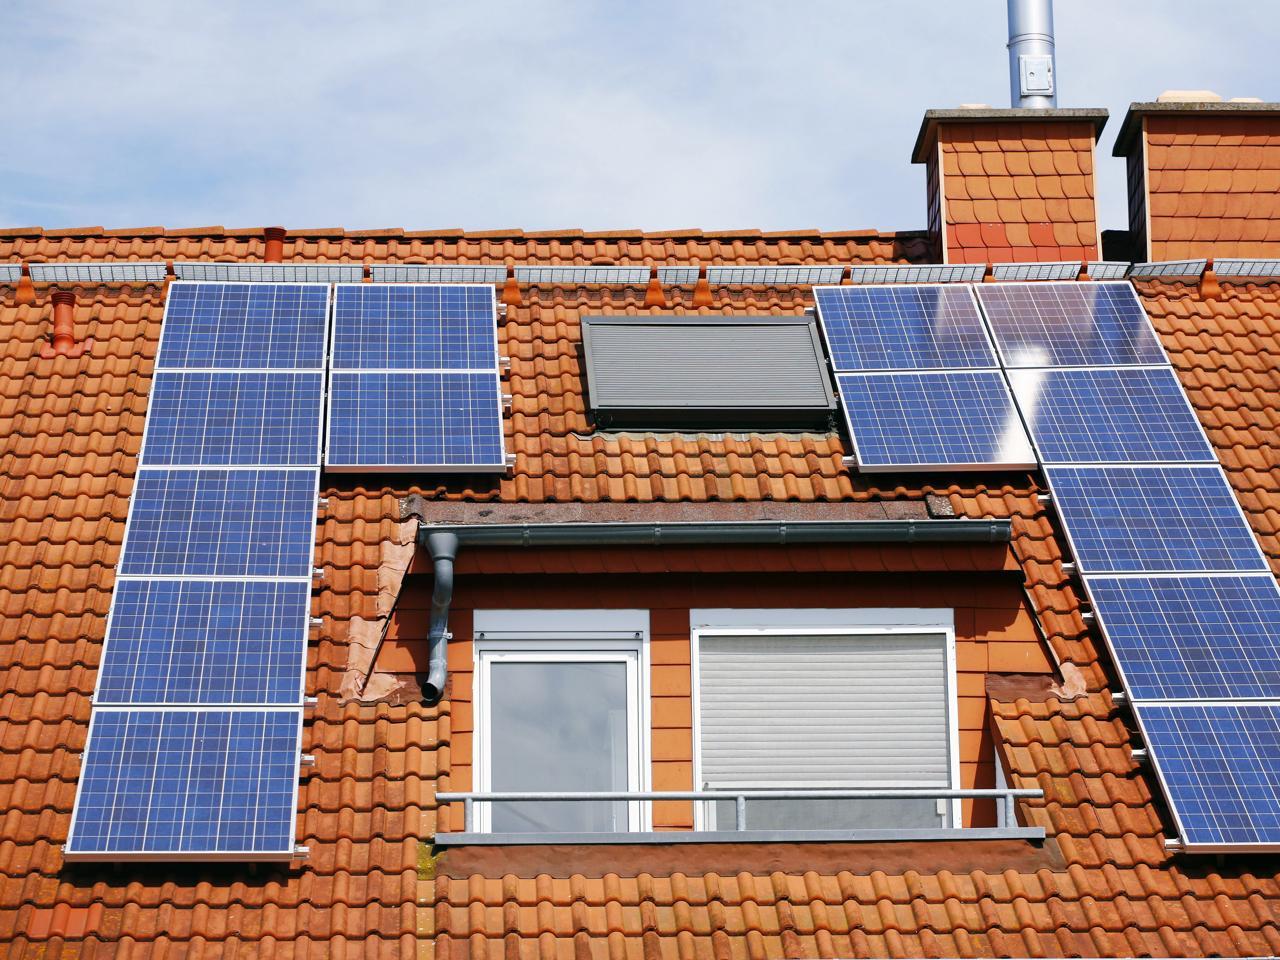 Rinnovabili: energia solare 'doppiamente pulita' con nuovi materiali